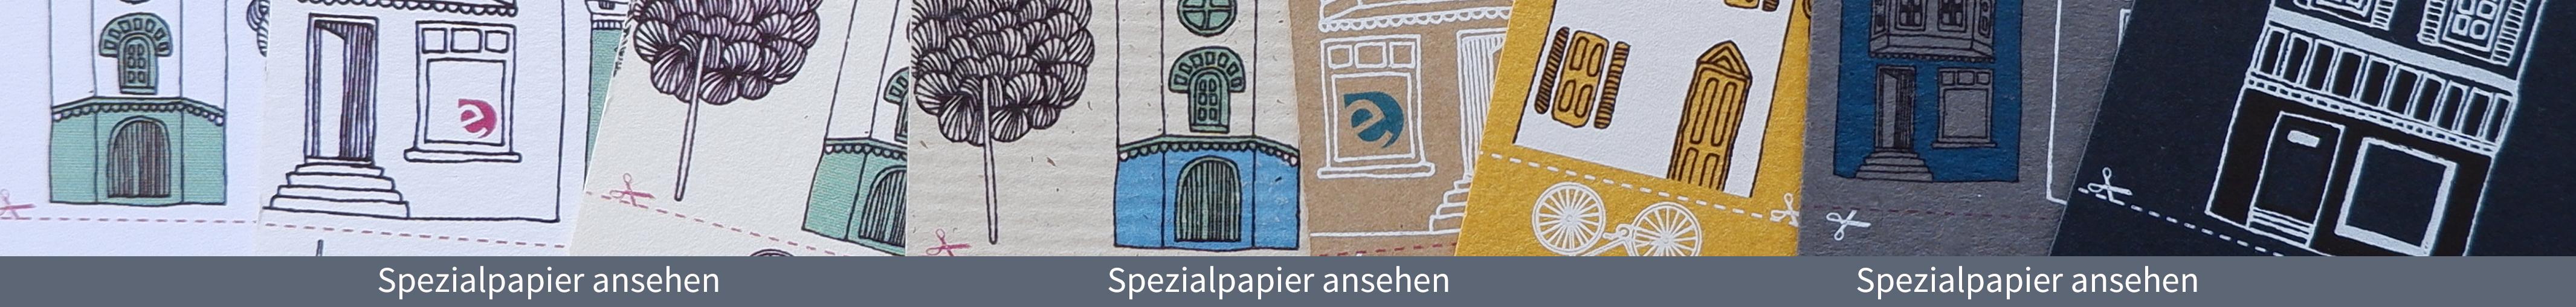 Gmund Papier Angebot Visitenkarten Extraprint